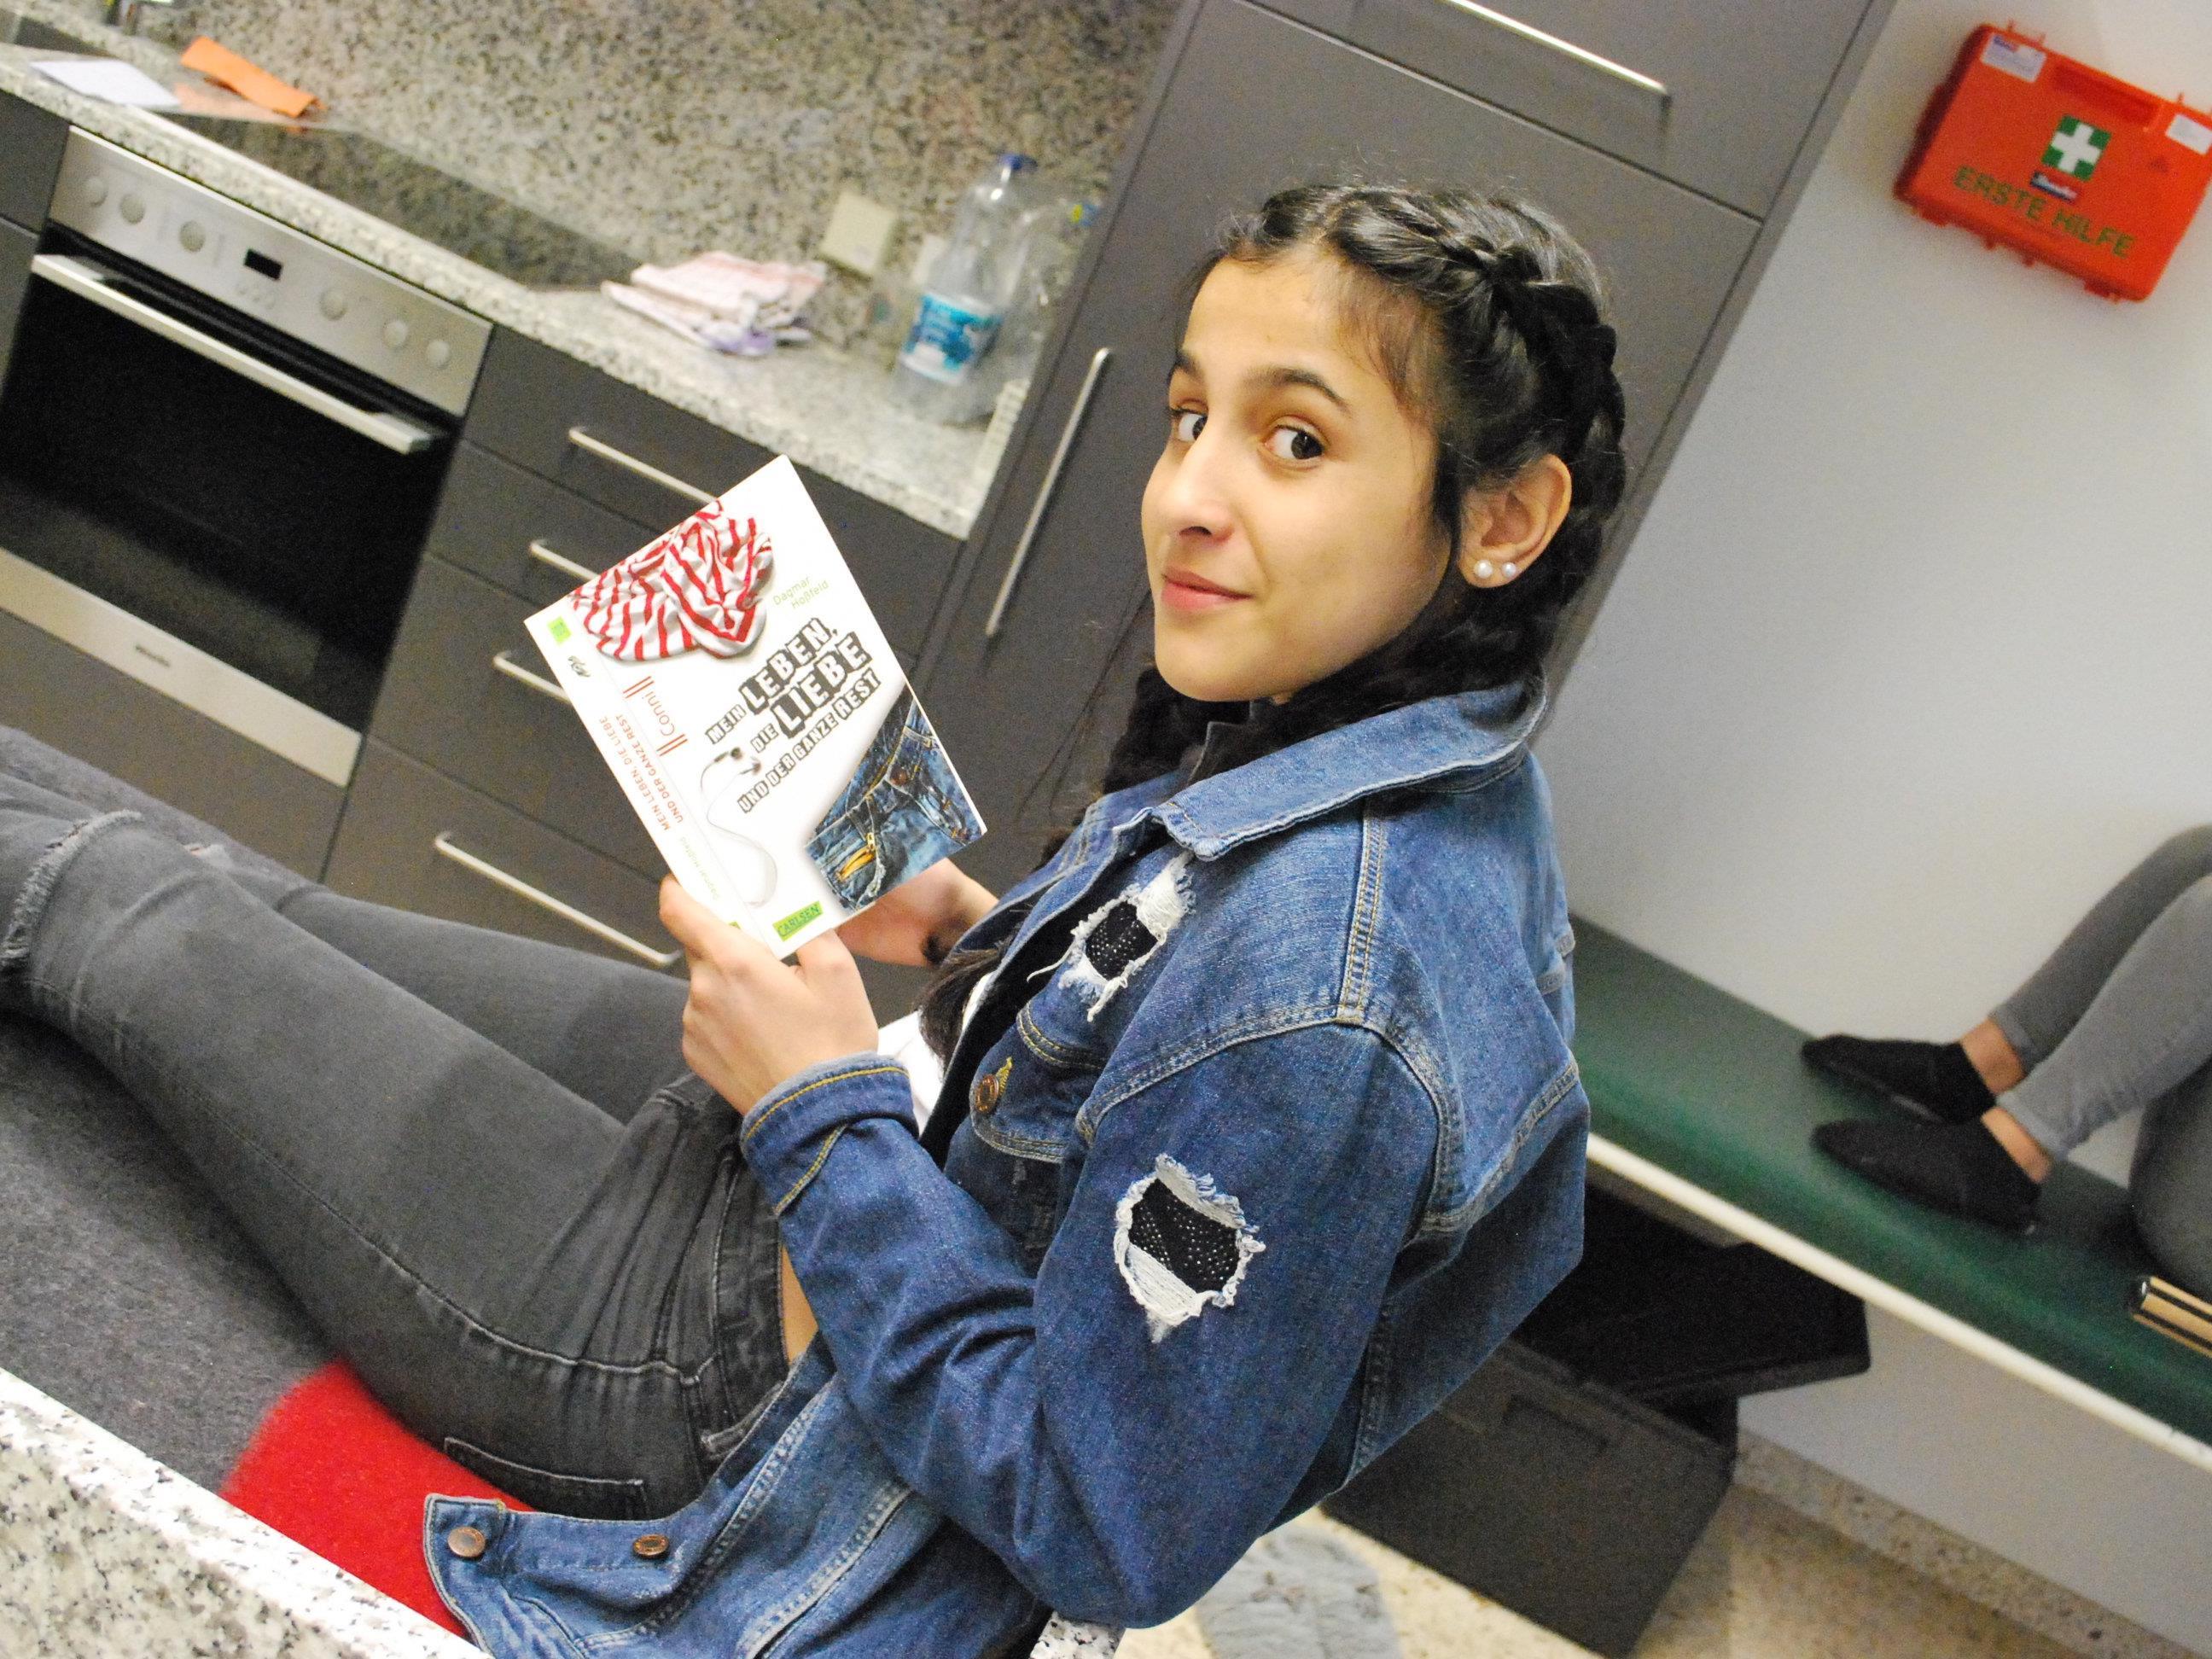 Auch diese Schülerin fand ein bequemes Plätzchen zum Lesen.